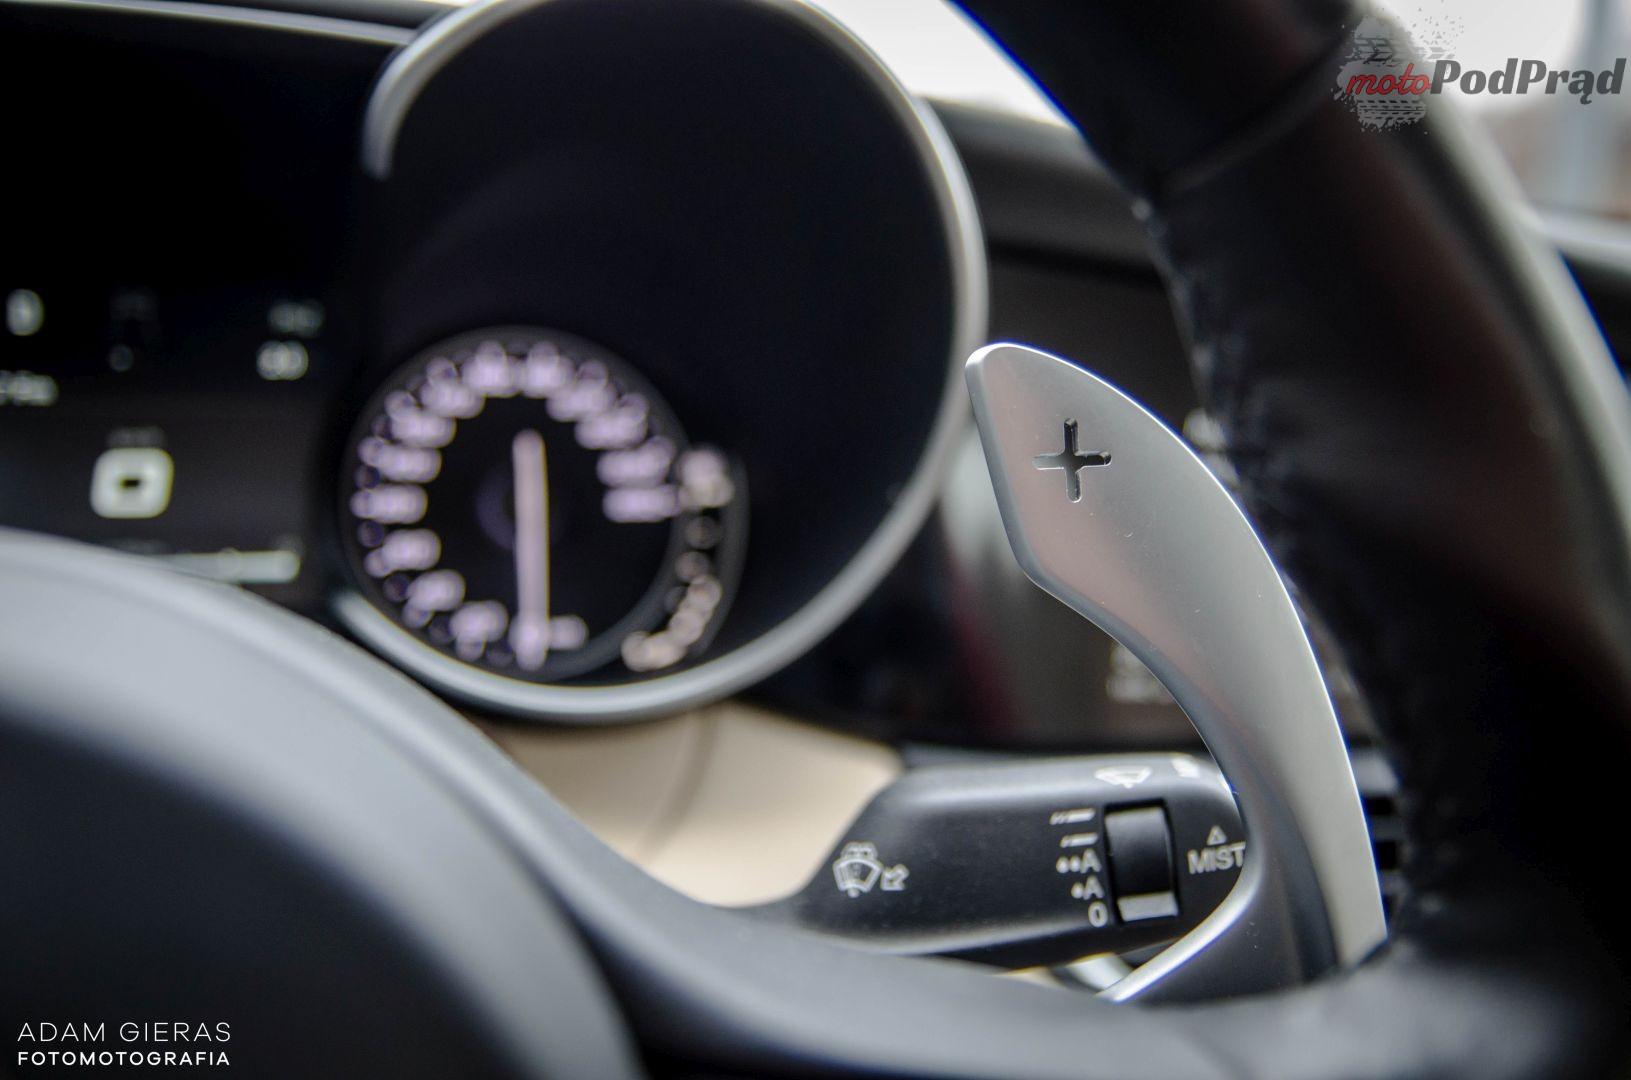 Giulia Veloce 4 Test: Alfa Romeo Giulia Veloce   w sam raz?